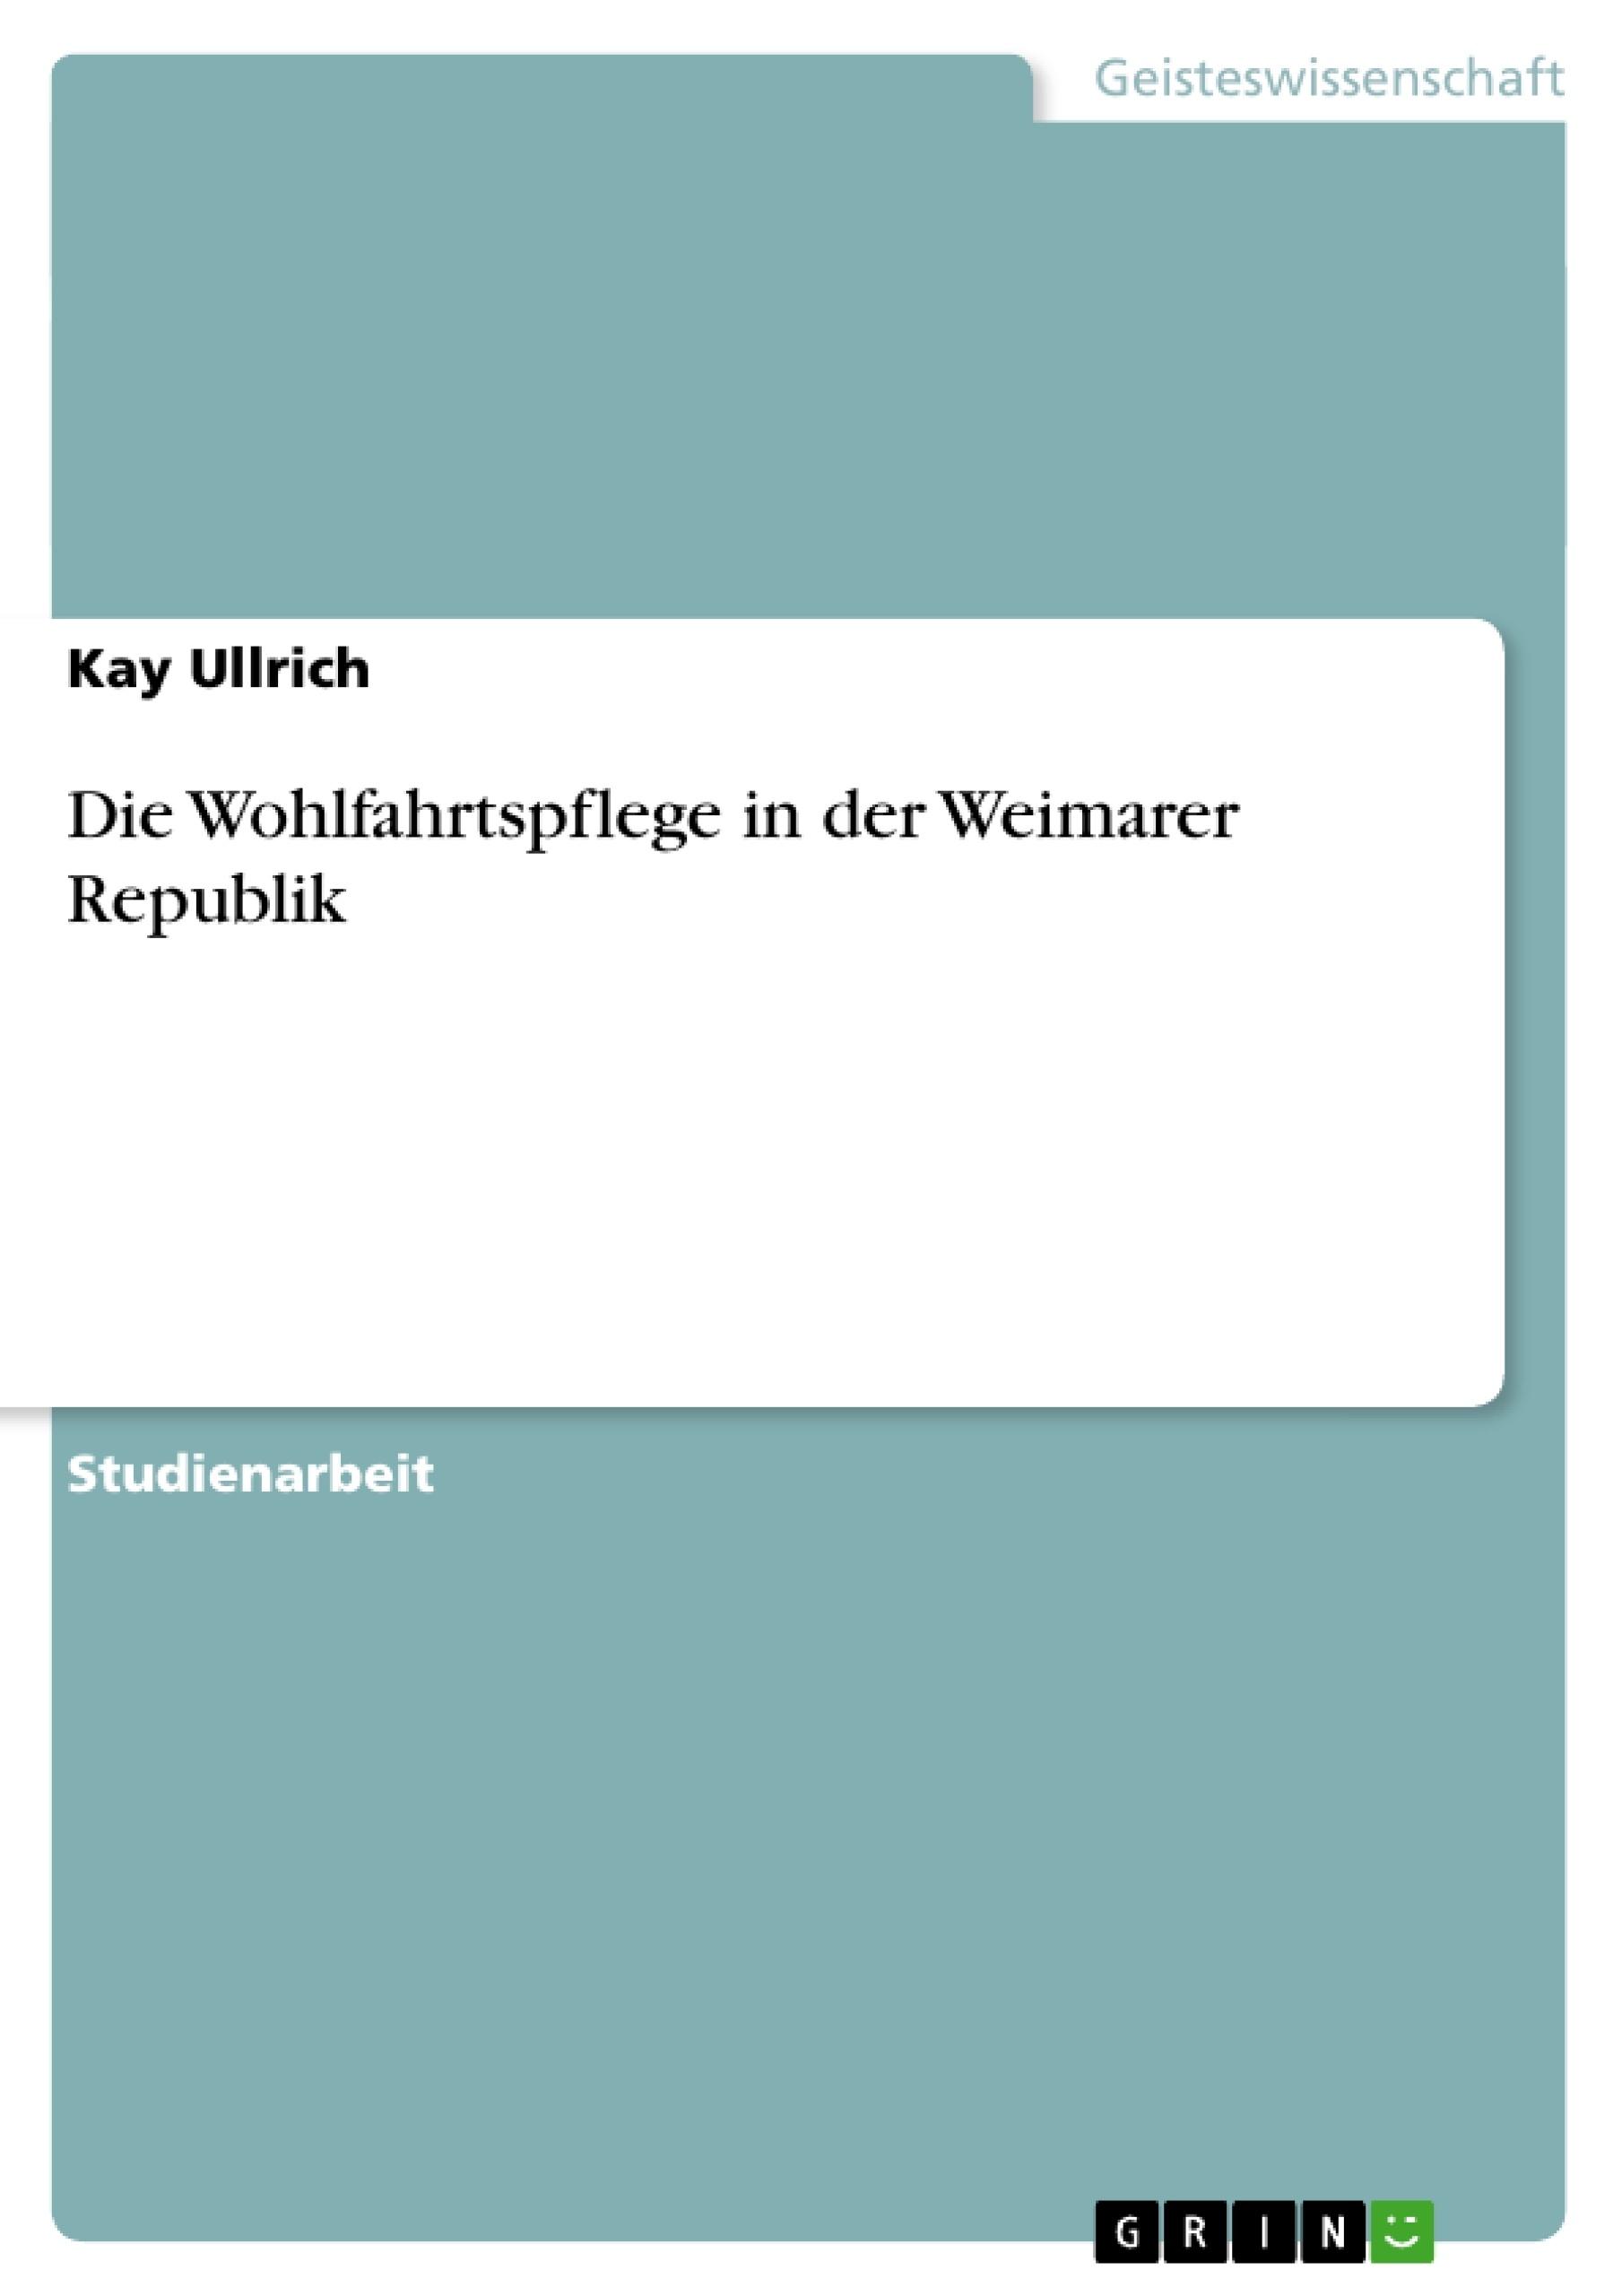 Titel: Die Wohlfahrtspflege in der Weimarer Republik